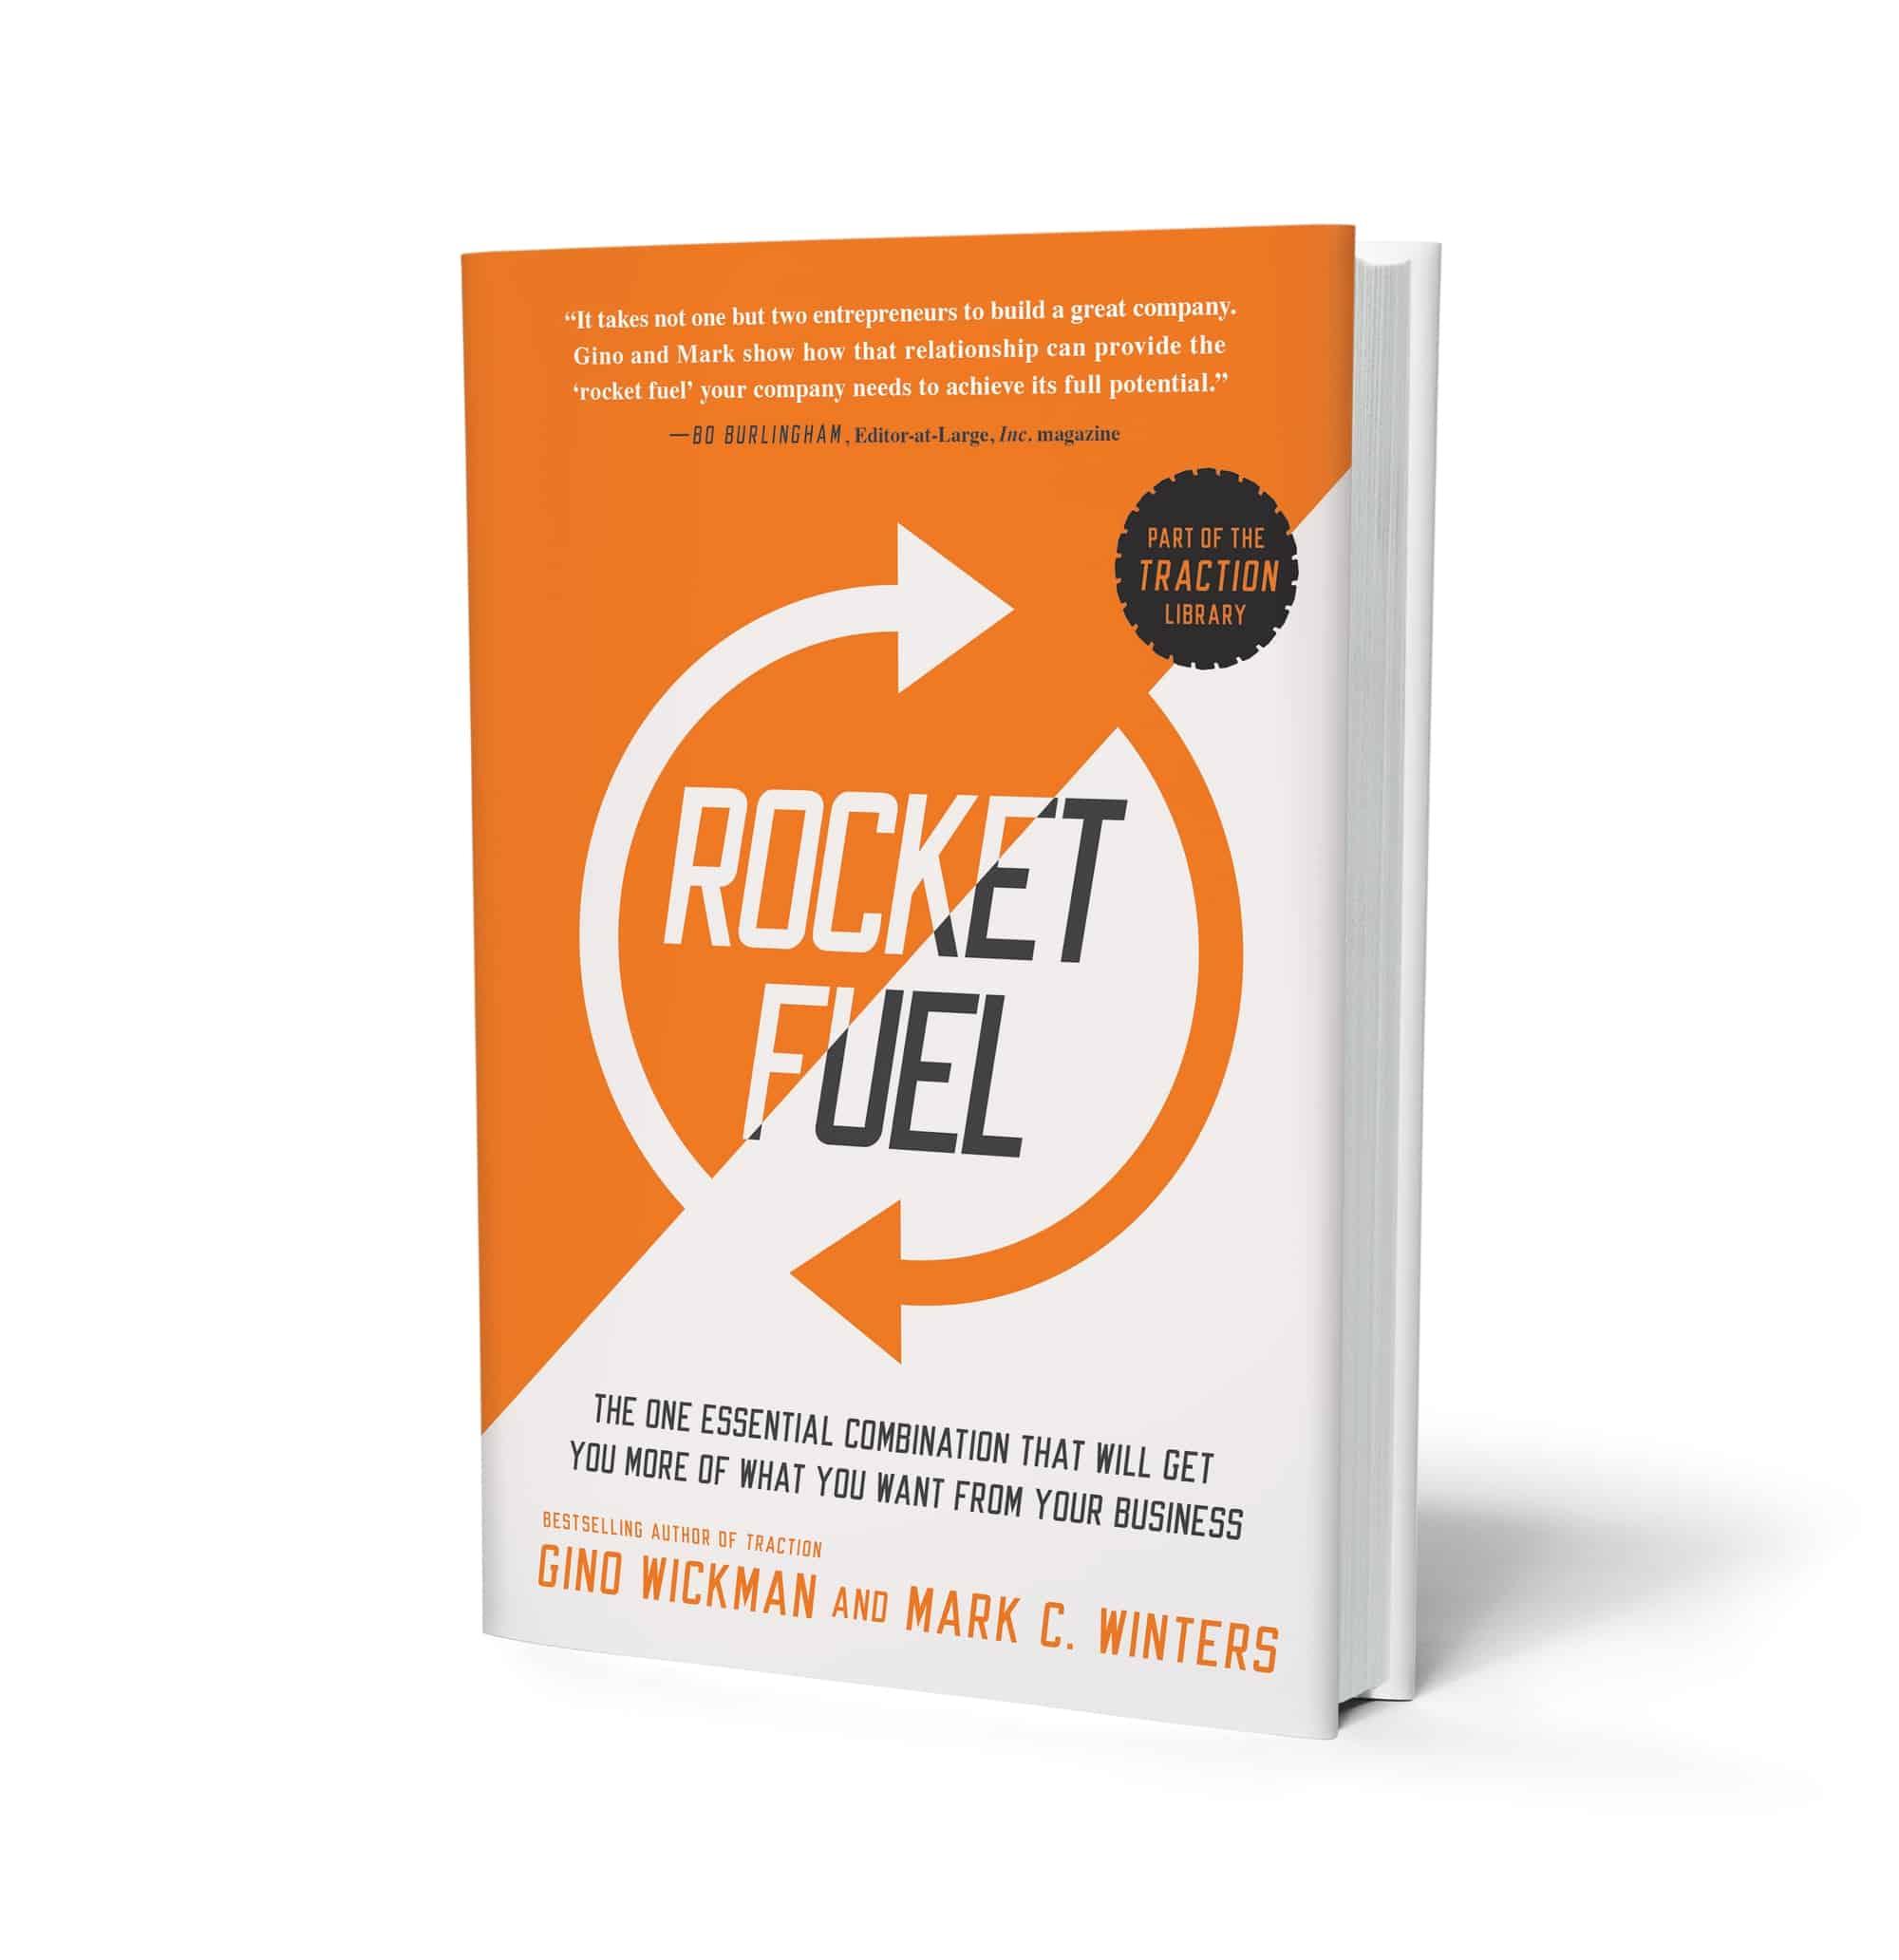 5c77012f98ac6b0638b8a47f_rocket-fuel-book-cover-p-2000